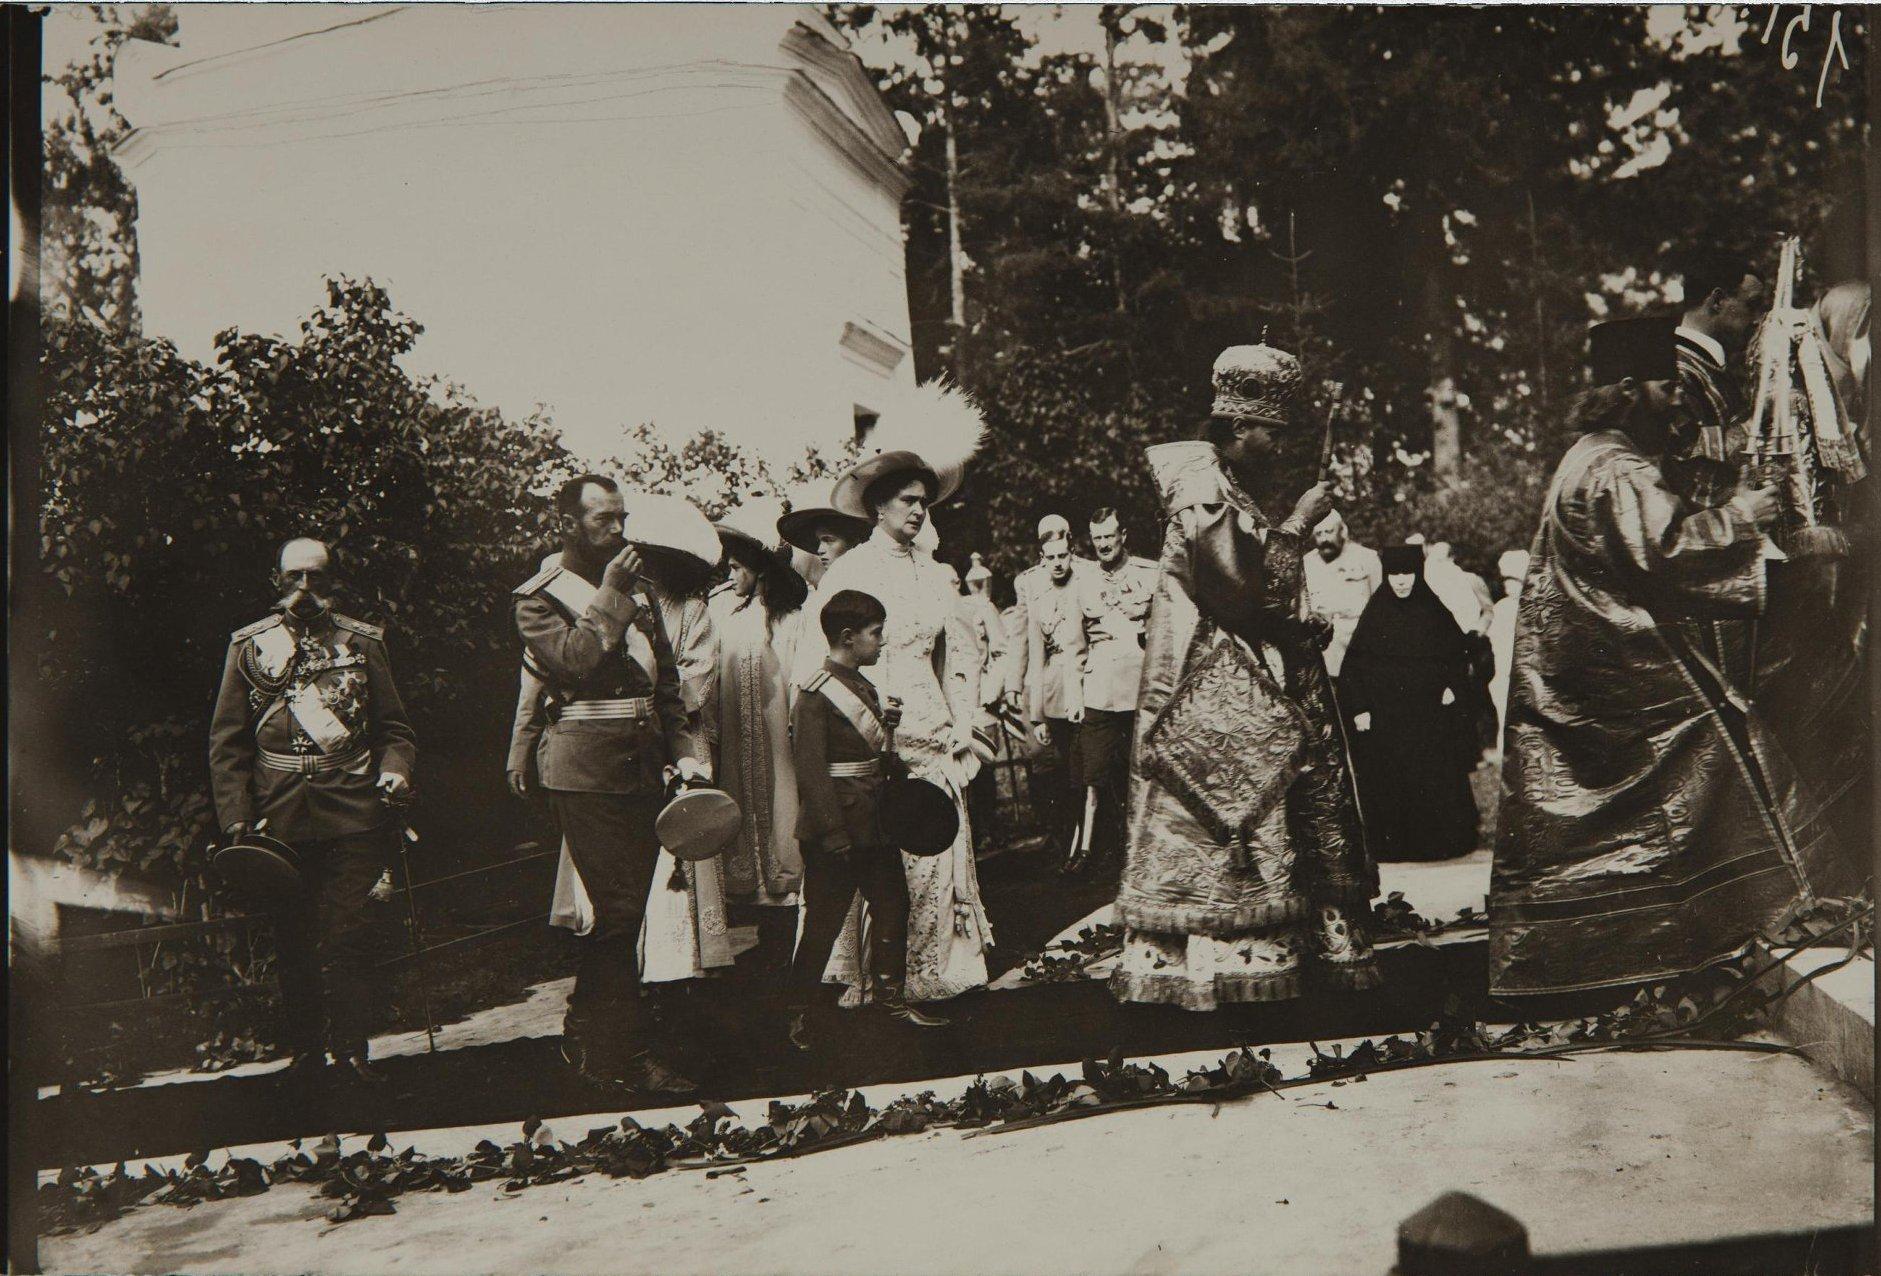 1912. Император Николай II, императрица Александра Федоровна с детьми во время Бородинских торжеств